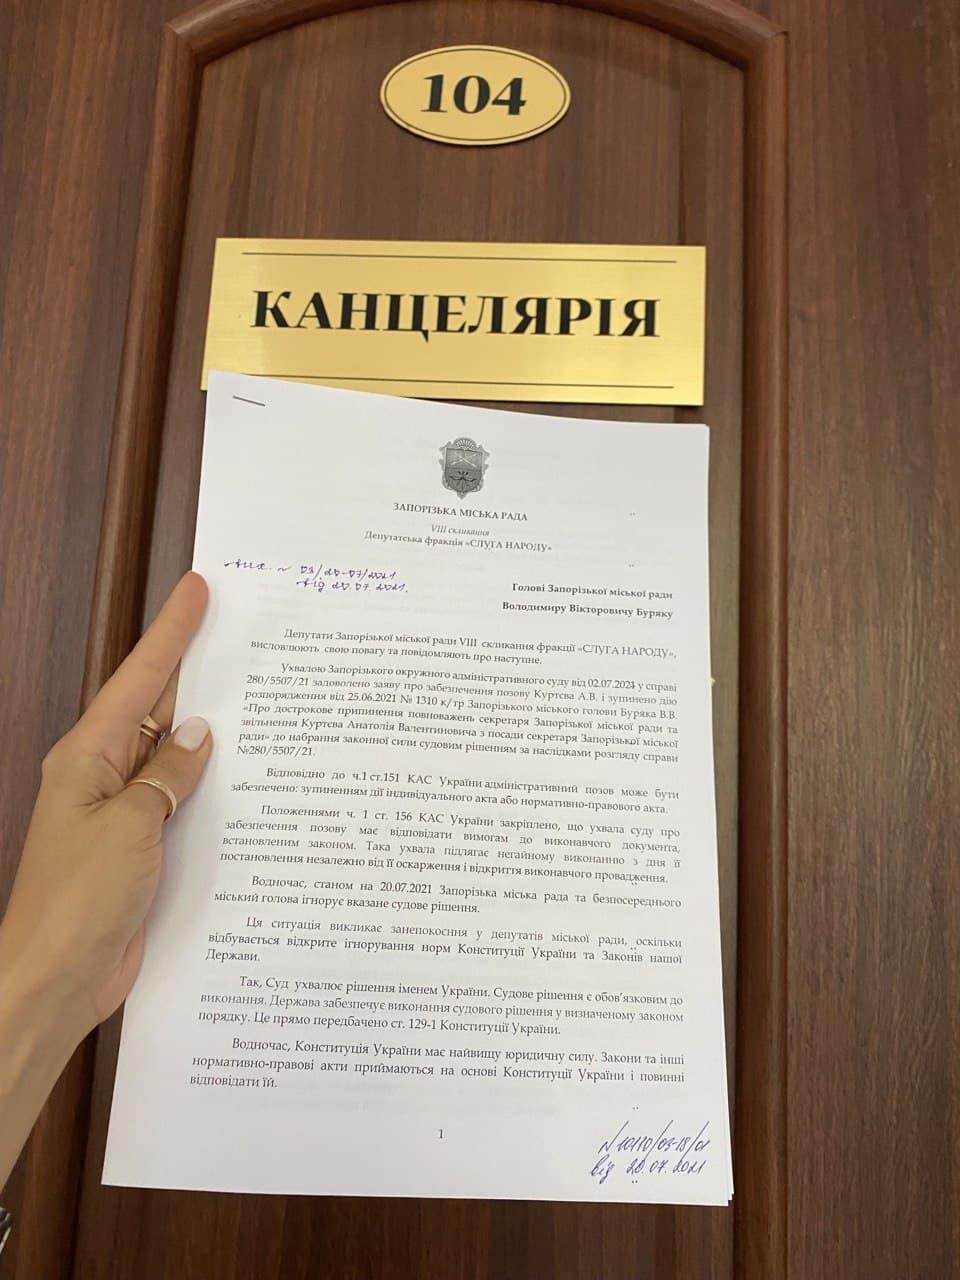 «В Запорожском горсовете не соблюдается принцип верховенства права» - официальное обращение депутатов к мэру Владимиру Буряку